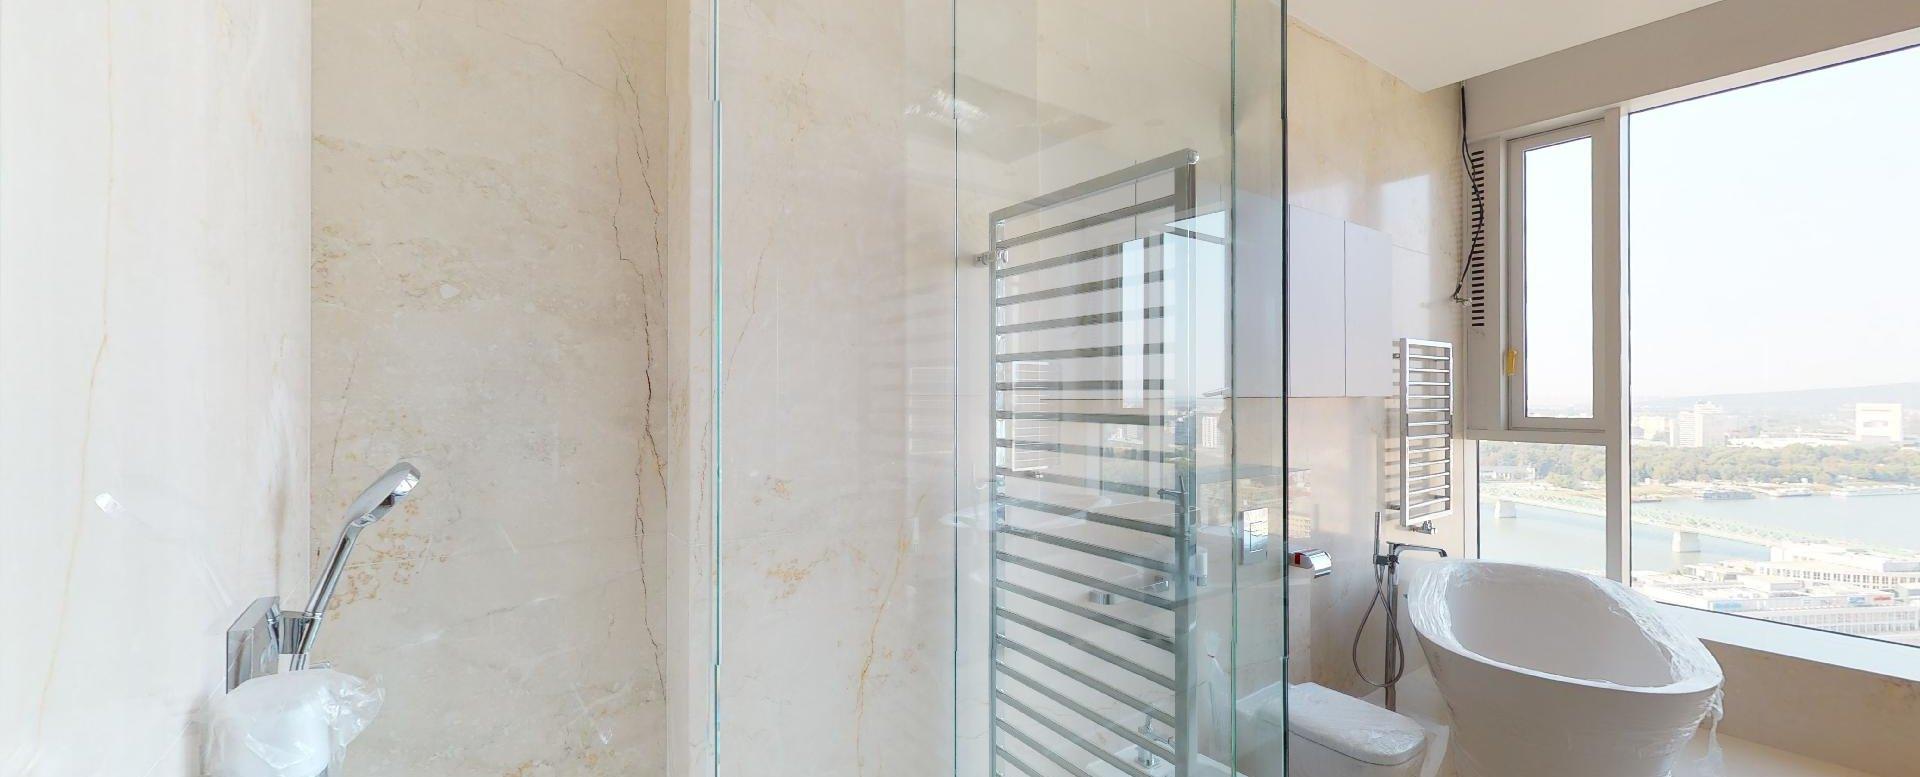 Pohľad na sprchový kút, vaňu, toaletu a bidet